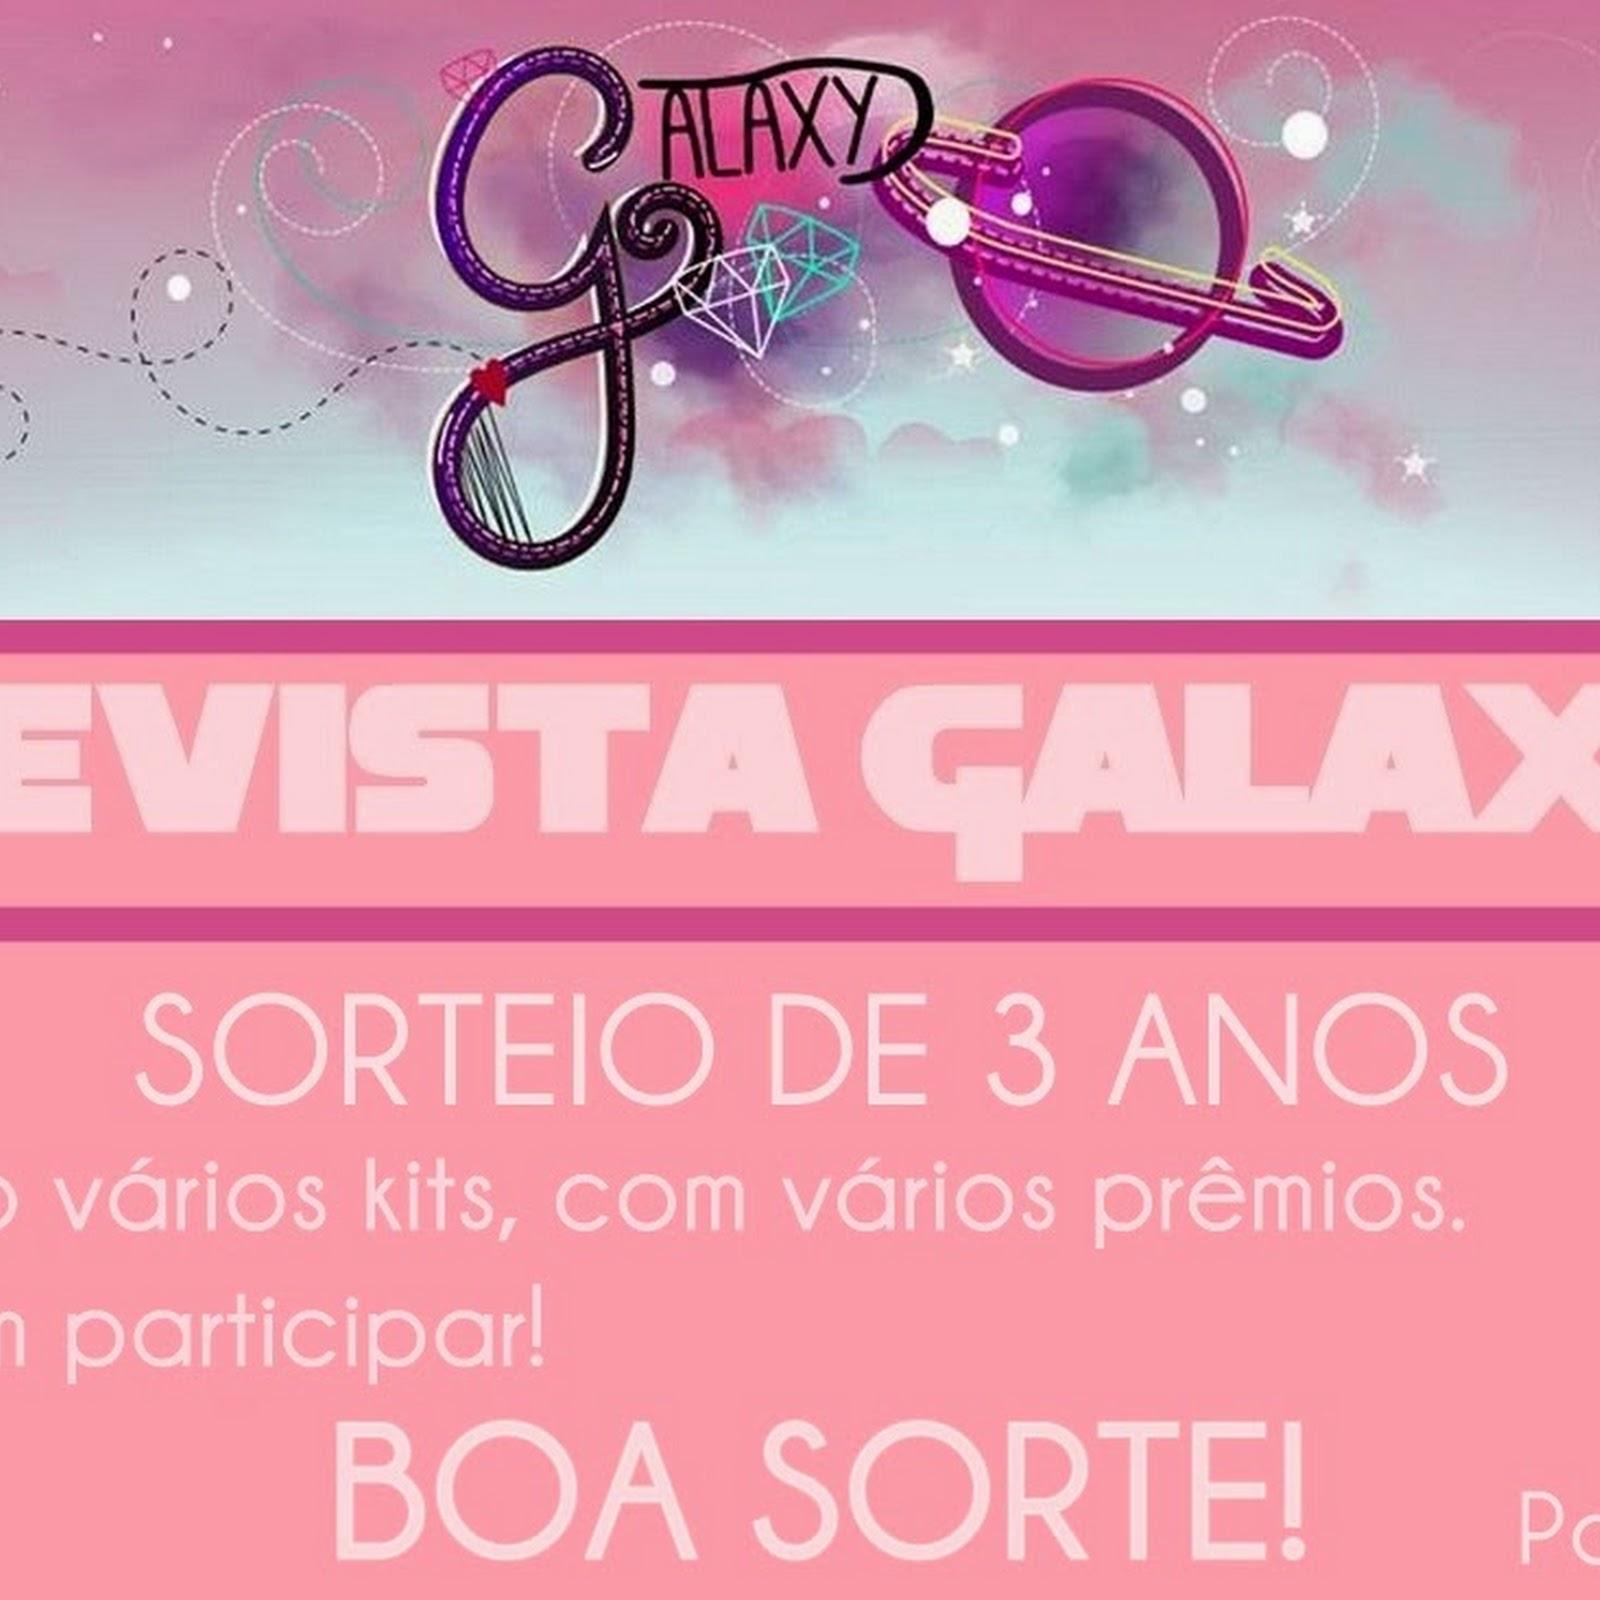 Sorteio Revista Galaxy parte 2